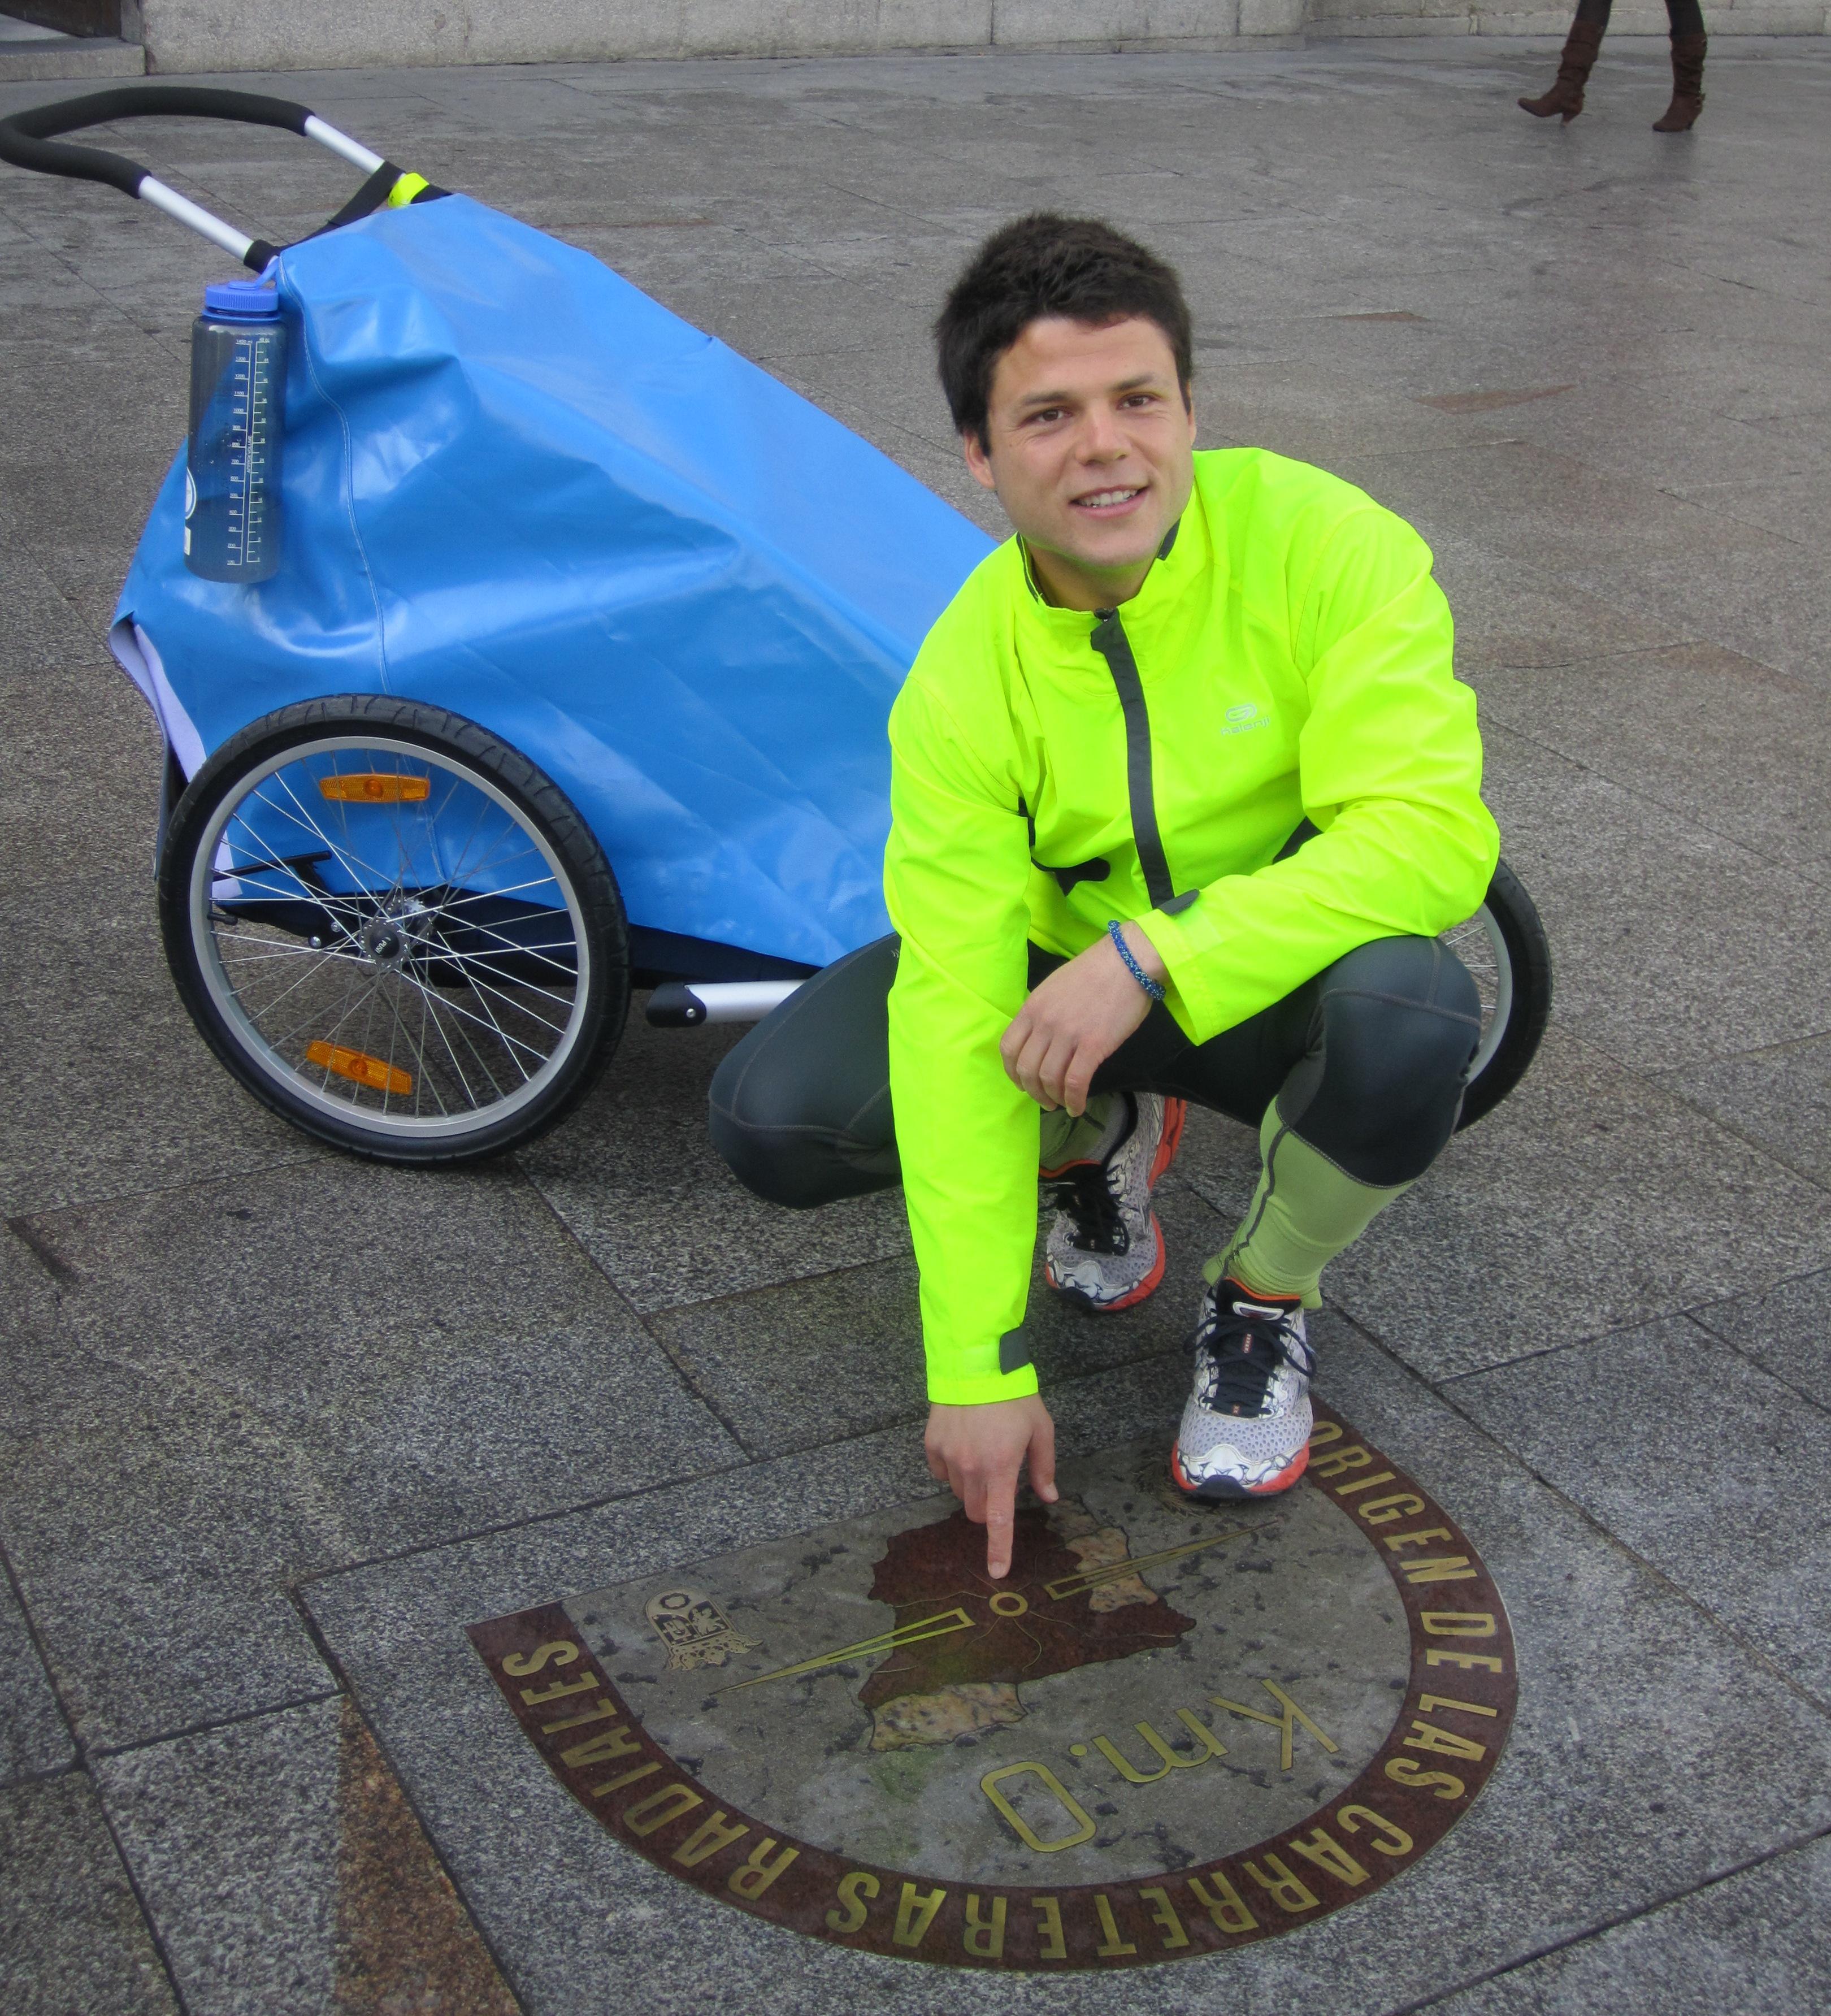 Ignacio Dean comenzó su sueño desde el kilómetro cero de la madrileña Puerta del Sol (Foto: estrelladigital.es)